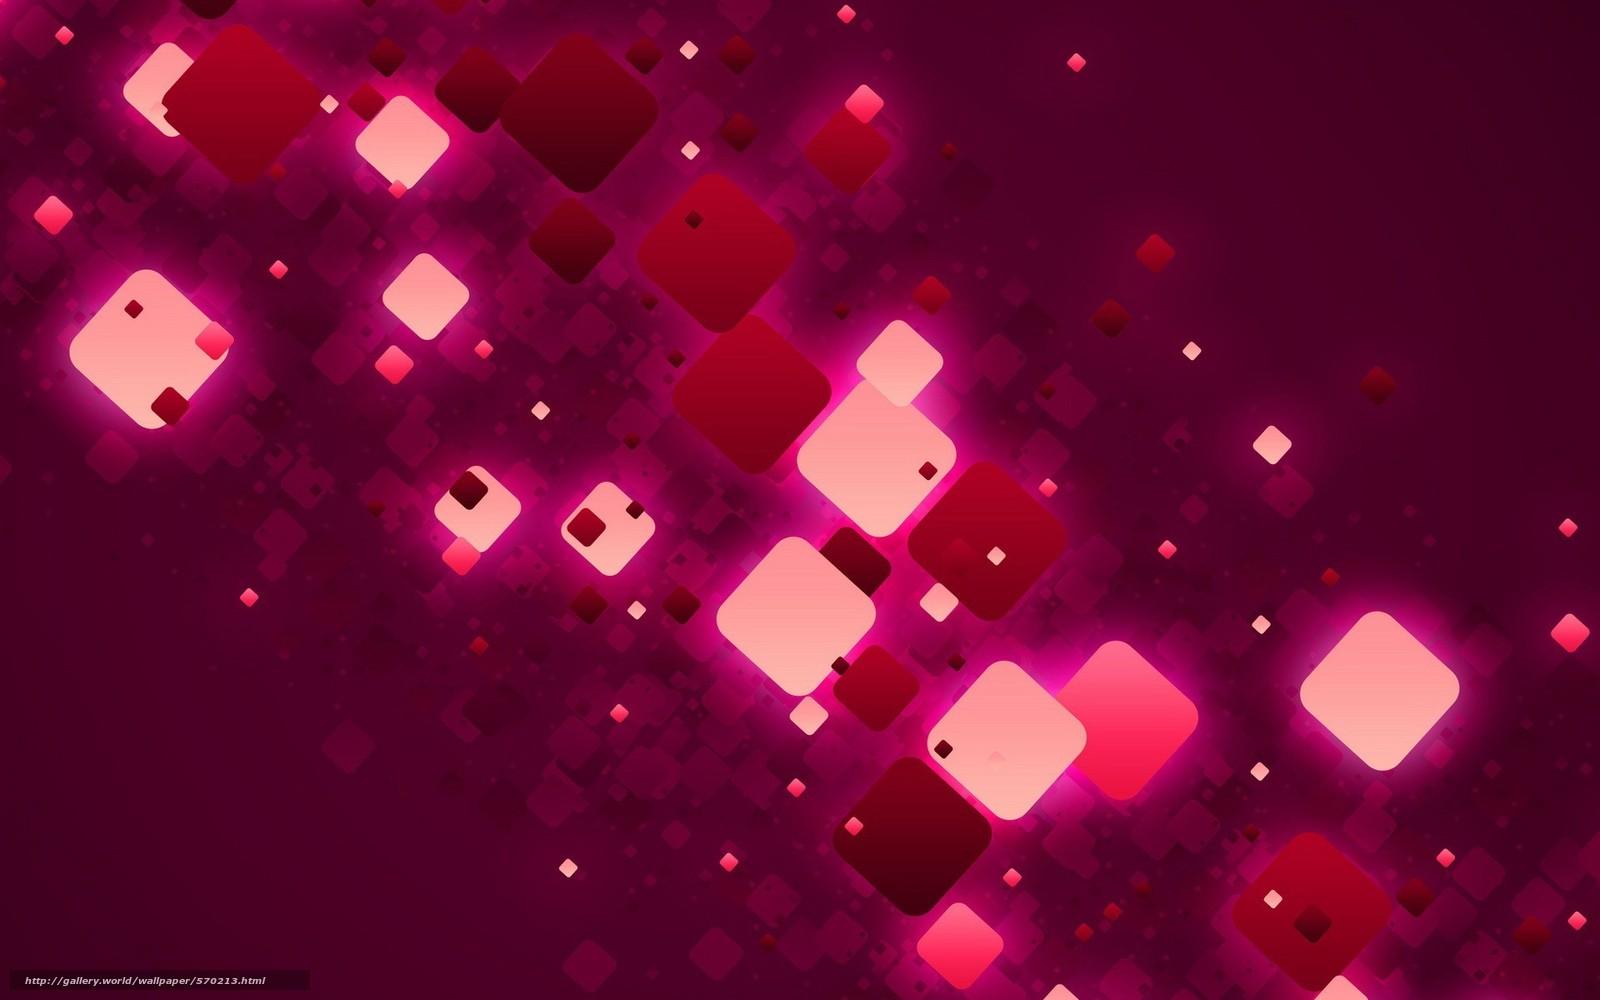 Скачать обои кубик,  структура,  свет,  квадрат бесплатно для рабочего стола в разрешении 1920x1200 — картинка №570213